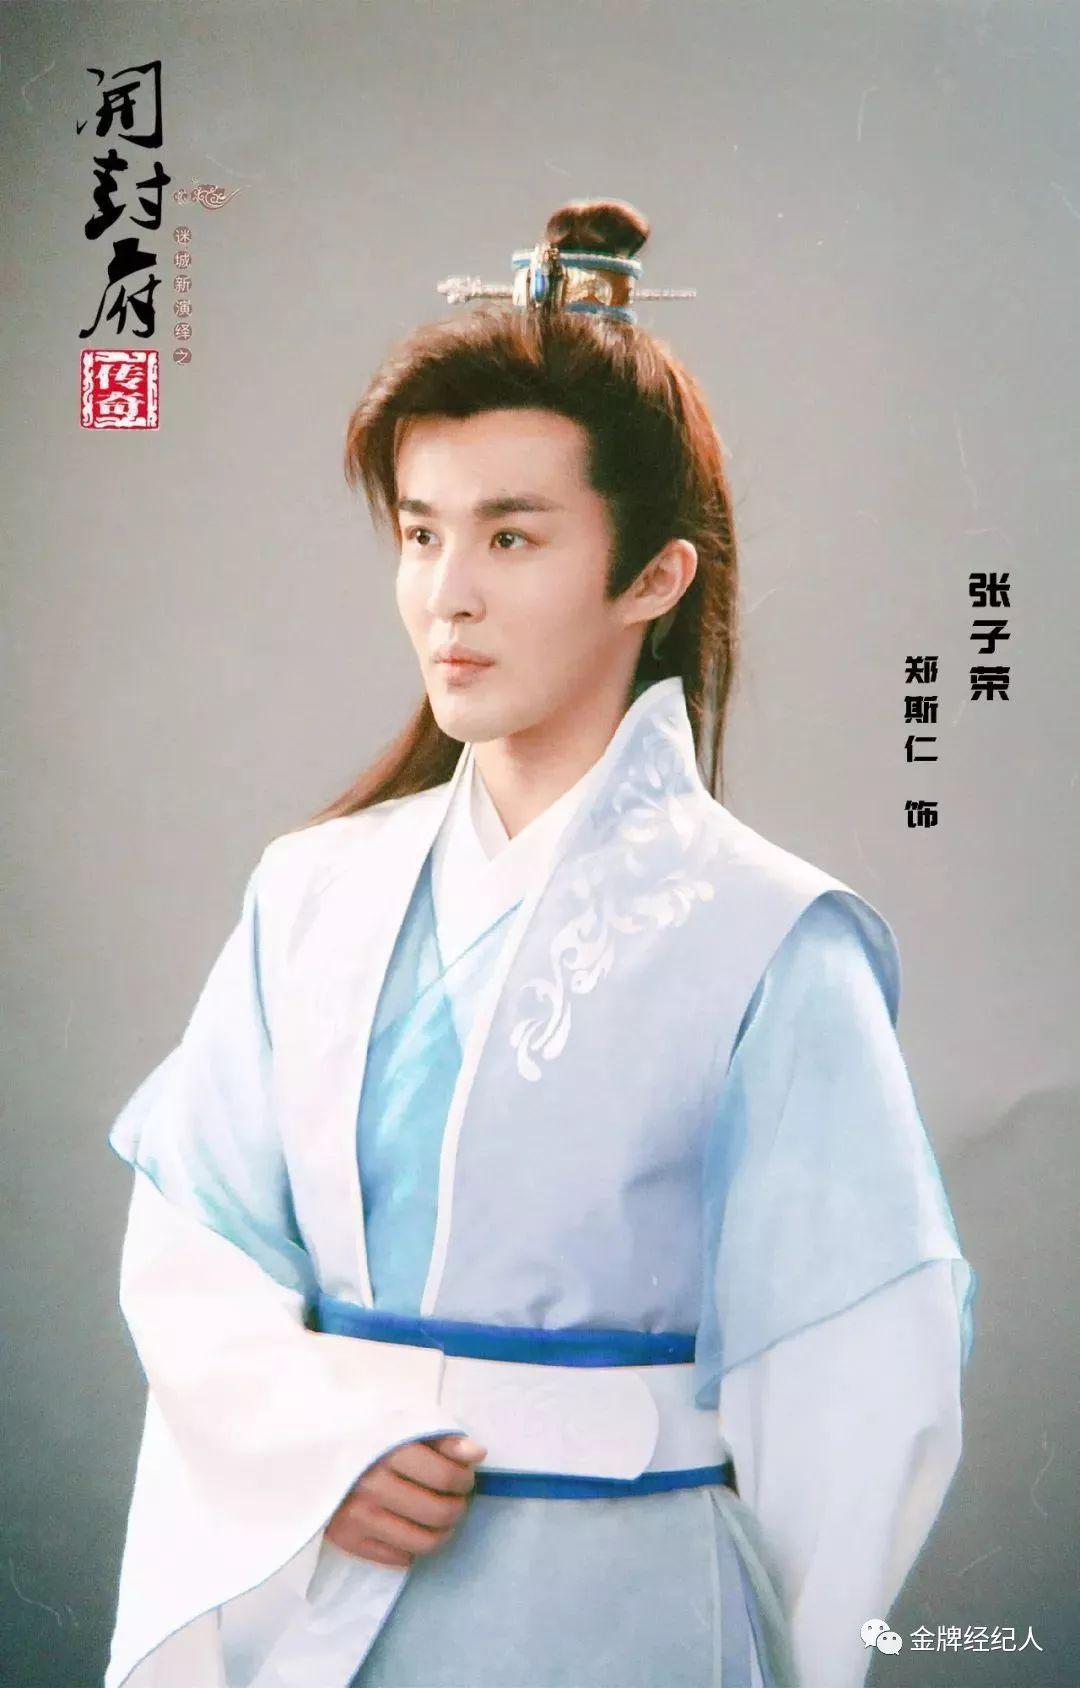 娱乐 正文  在《开封府传奇》中,郑斯仁饰演枢密使张德林家的二公子图片